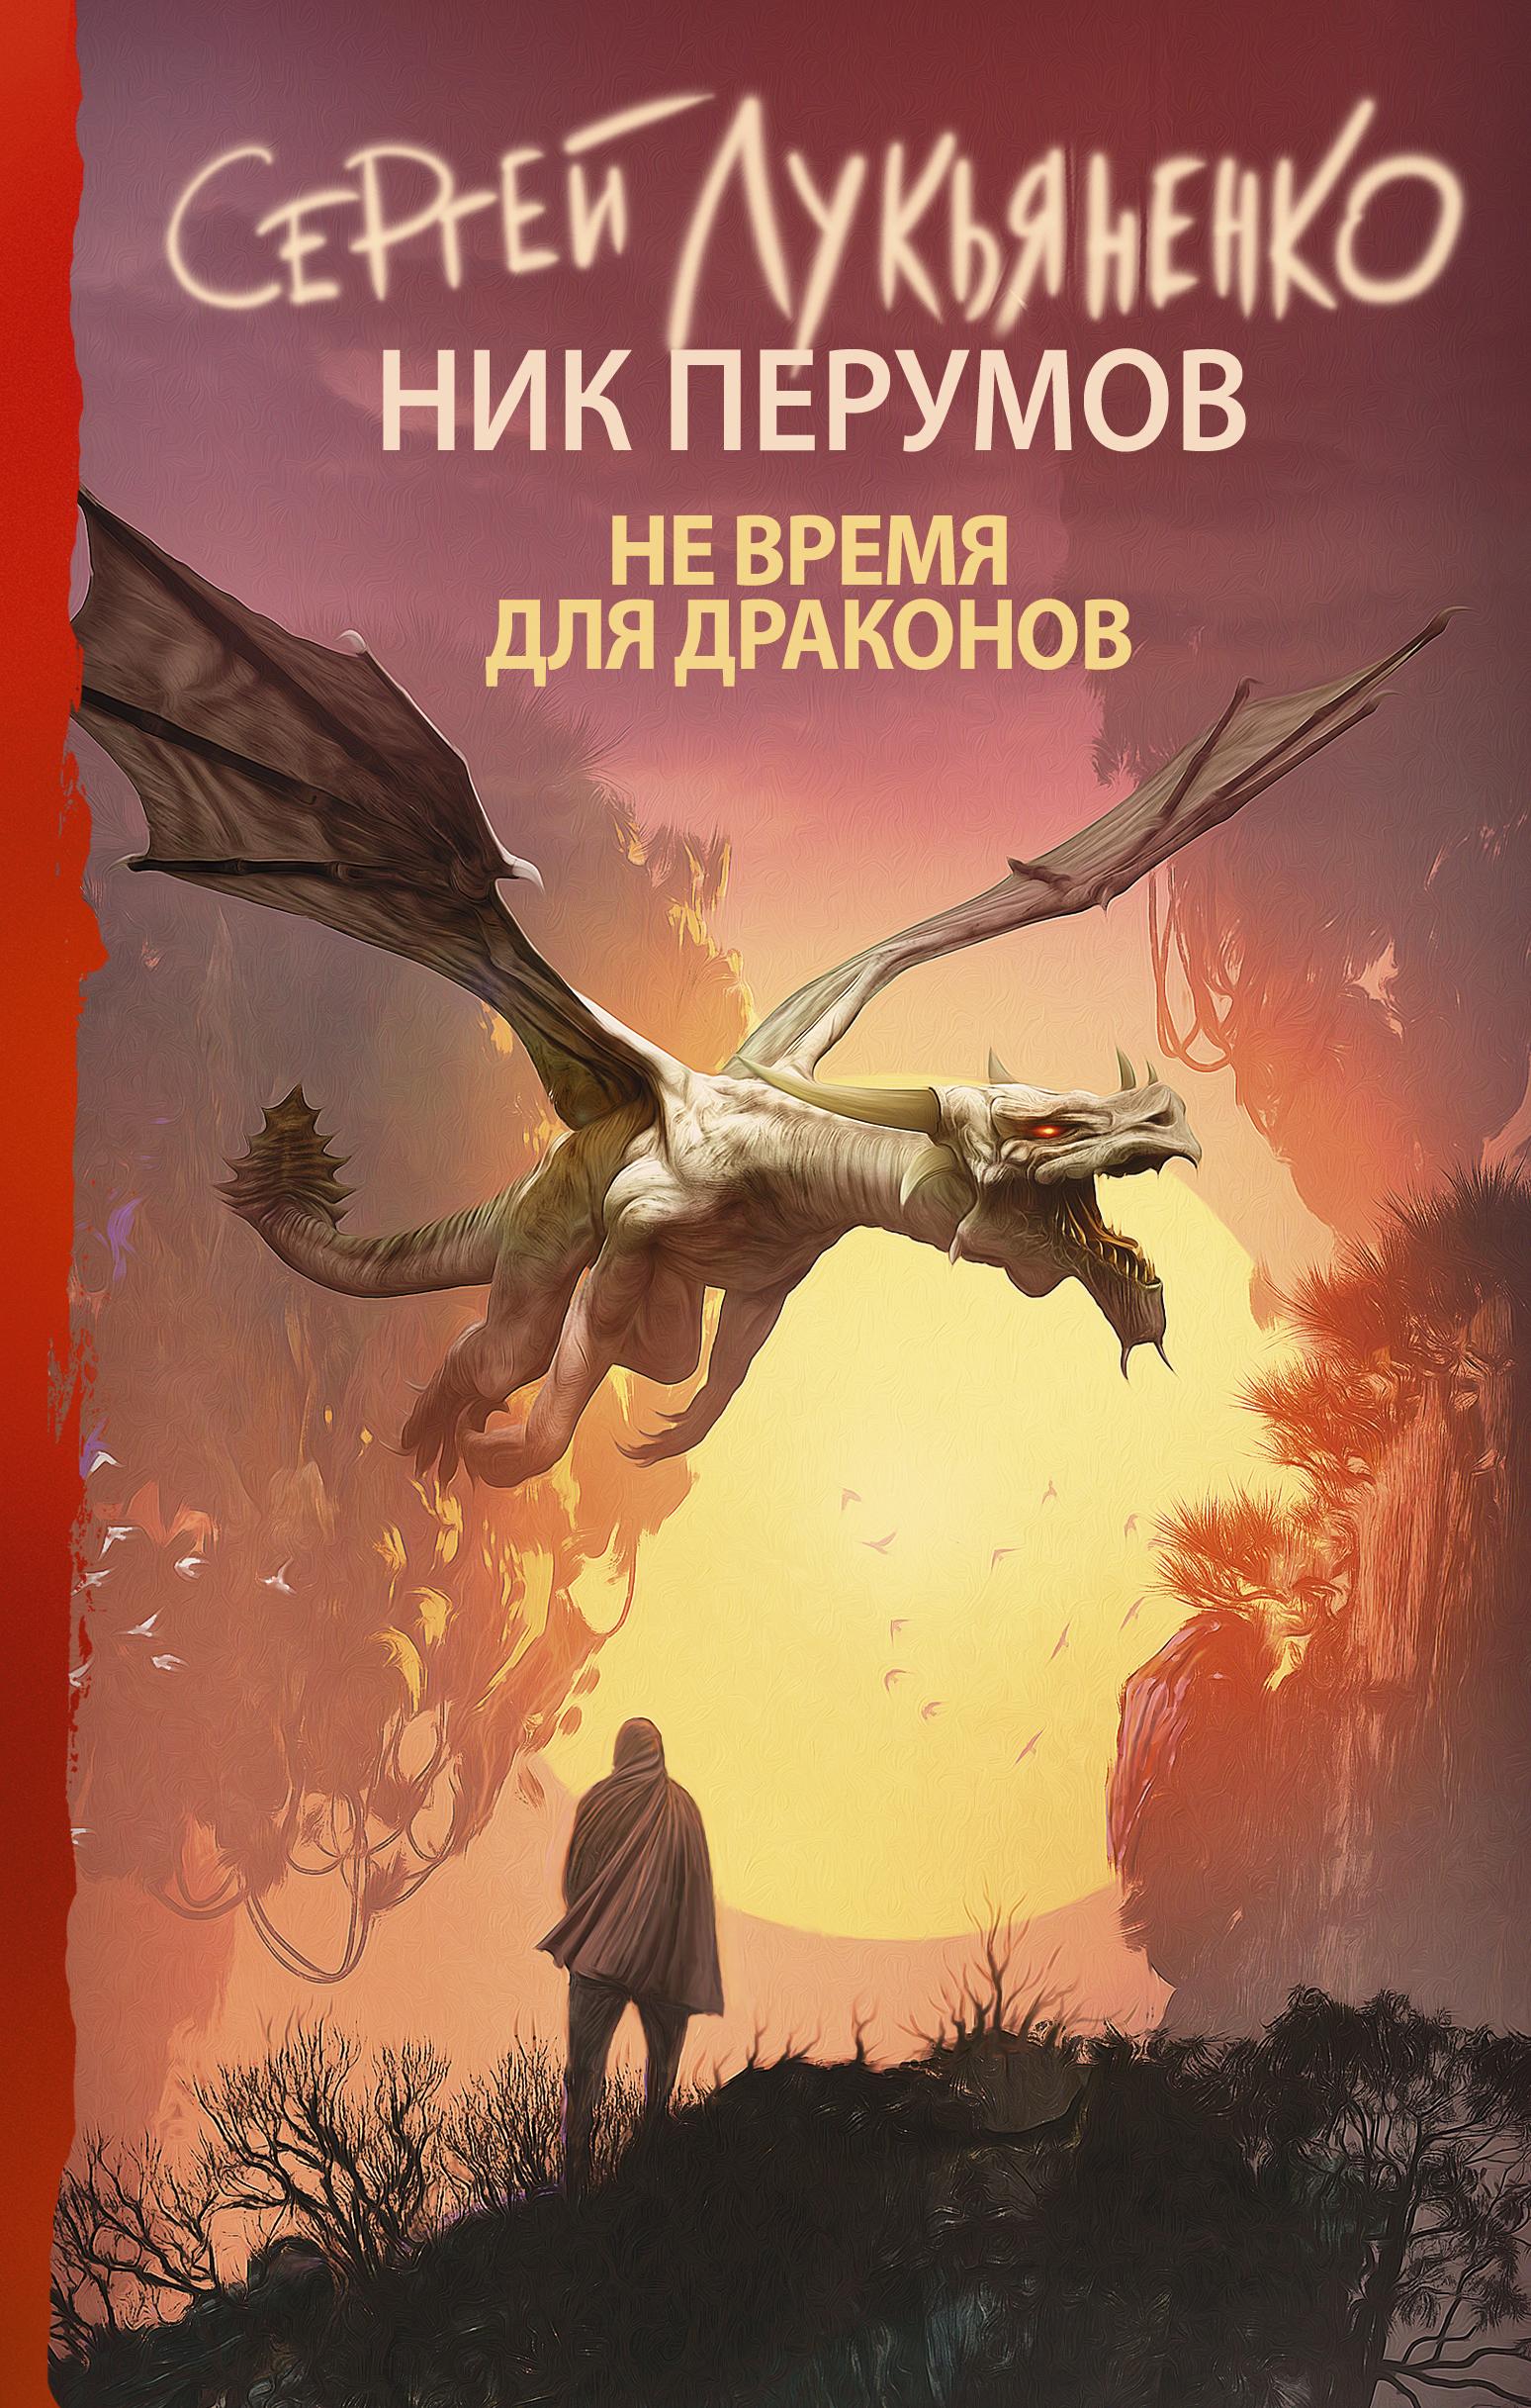 Не время для драконов - Сергей Лукьяненко, Ник Перумов